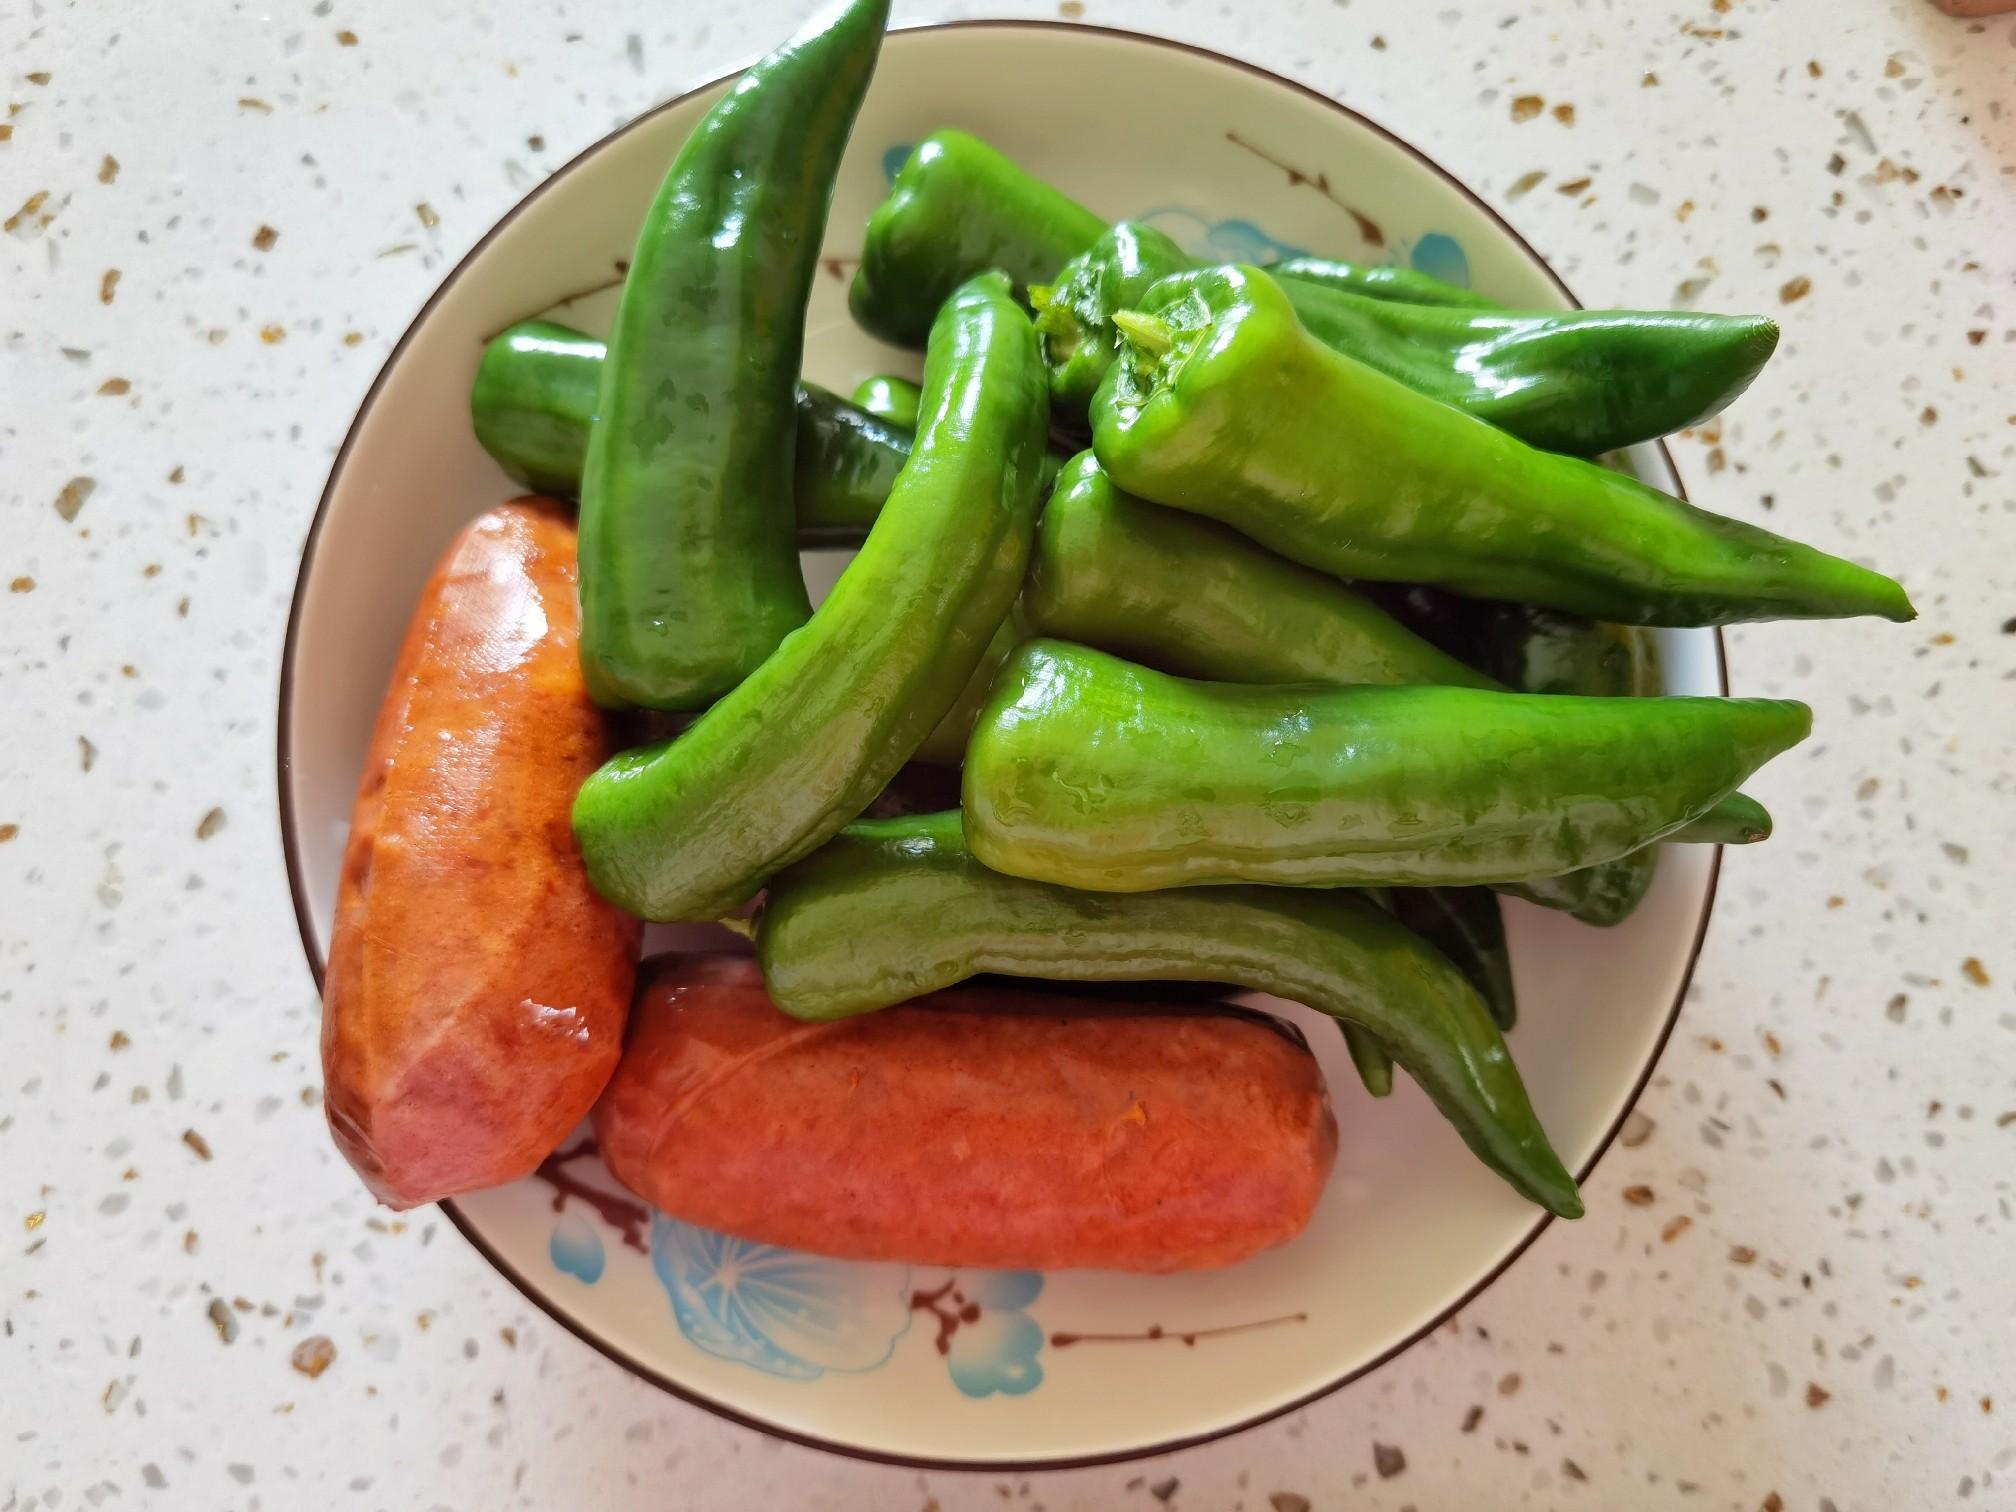 10分钟速成下饭菜-香肠炒辣椒,炒1盘下两三碗米饭的做法大全